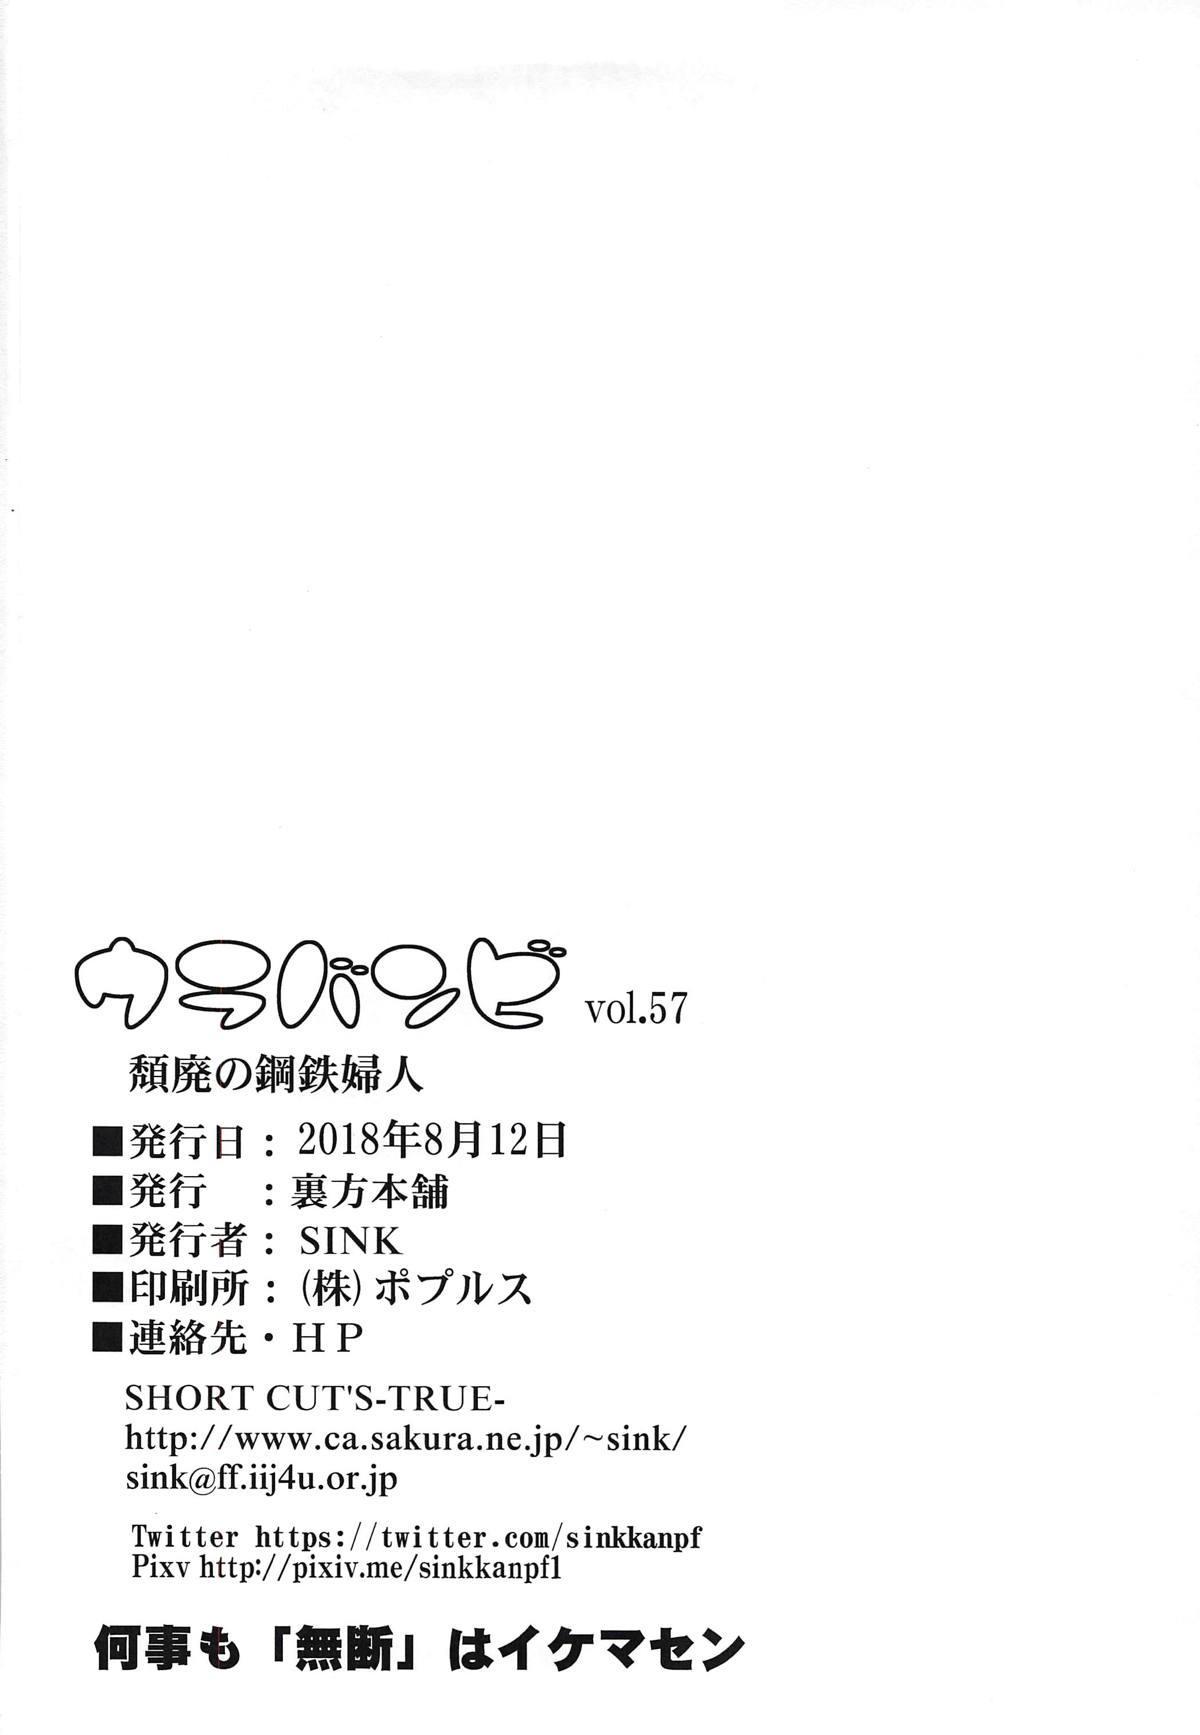 Urabambi Vol. 57 Taihai no Koutetsu Fujin 24